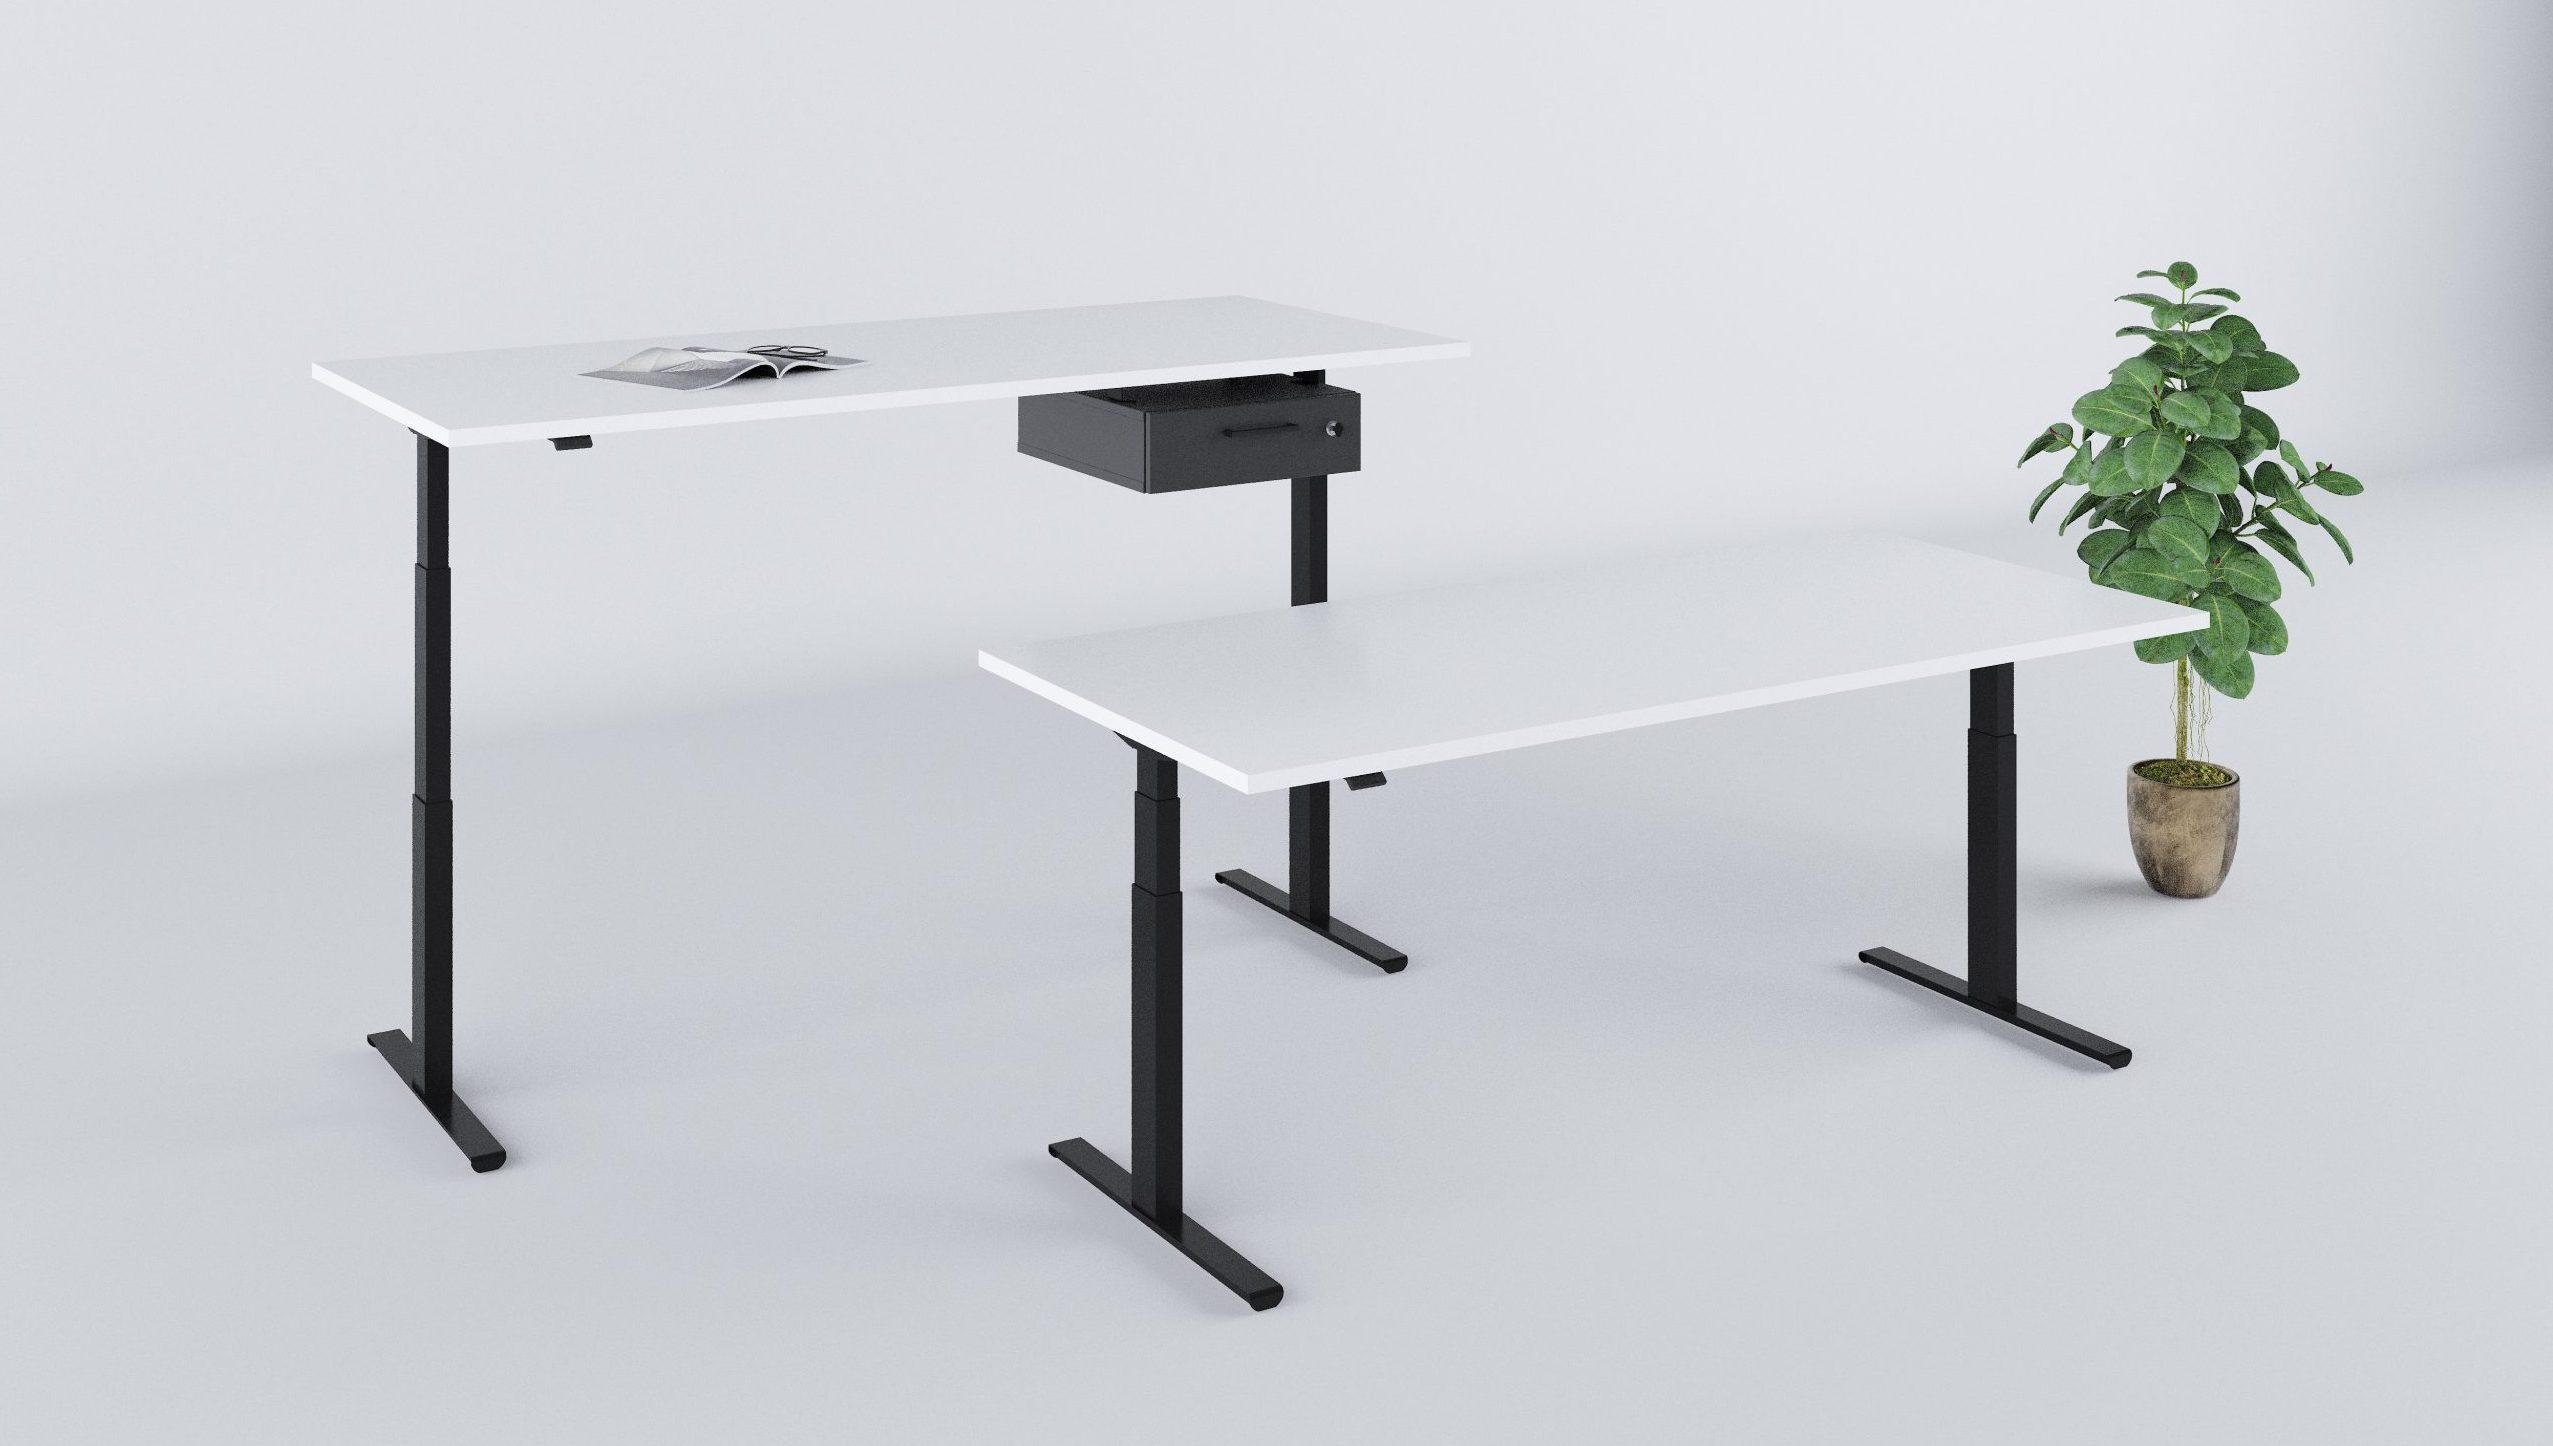 Biuro kėdės || Biuro baldai || Pakeliamas stalas || Pakabinamas vieno stalčiaus blokas